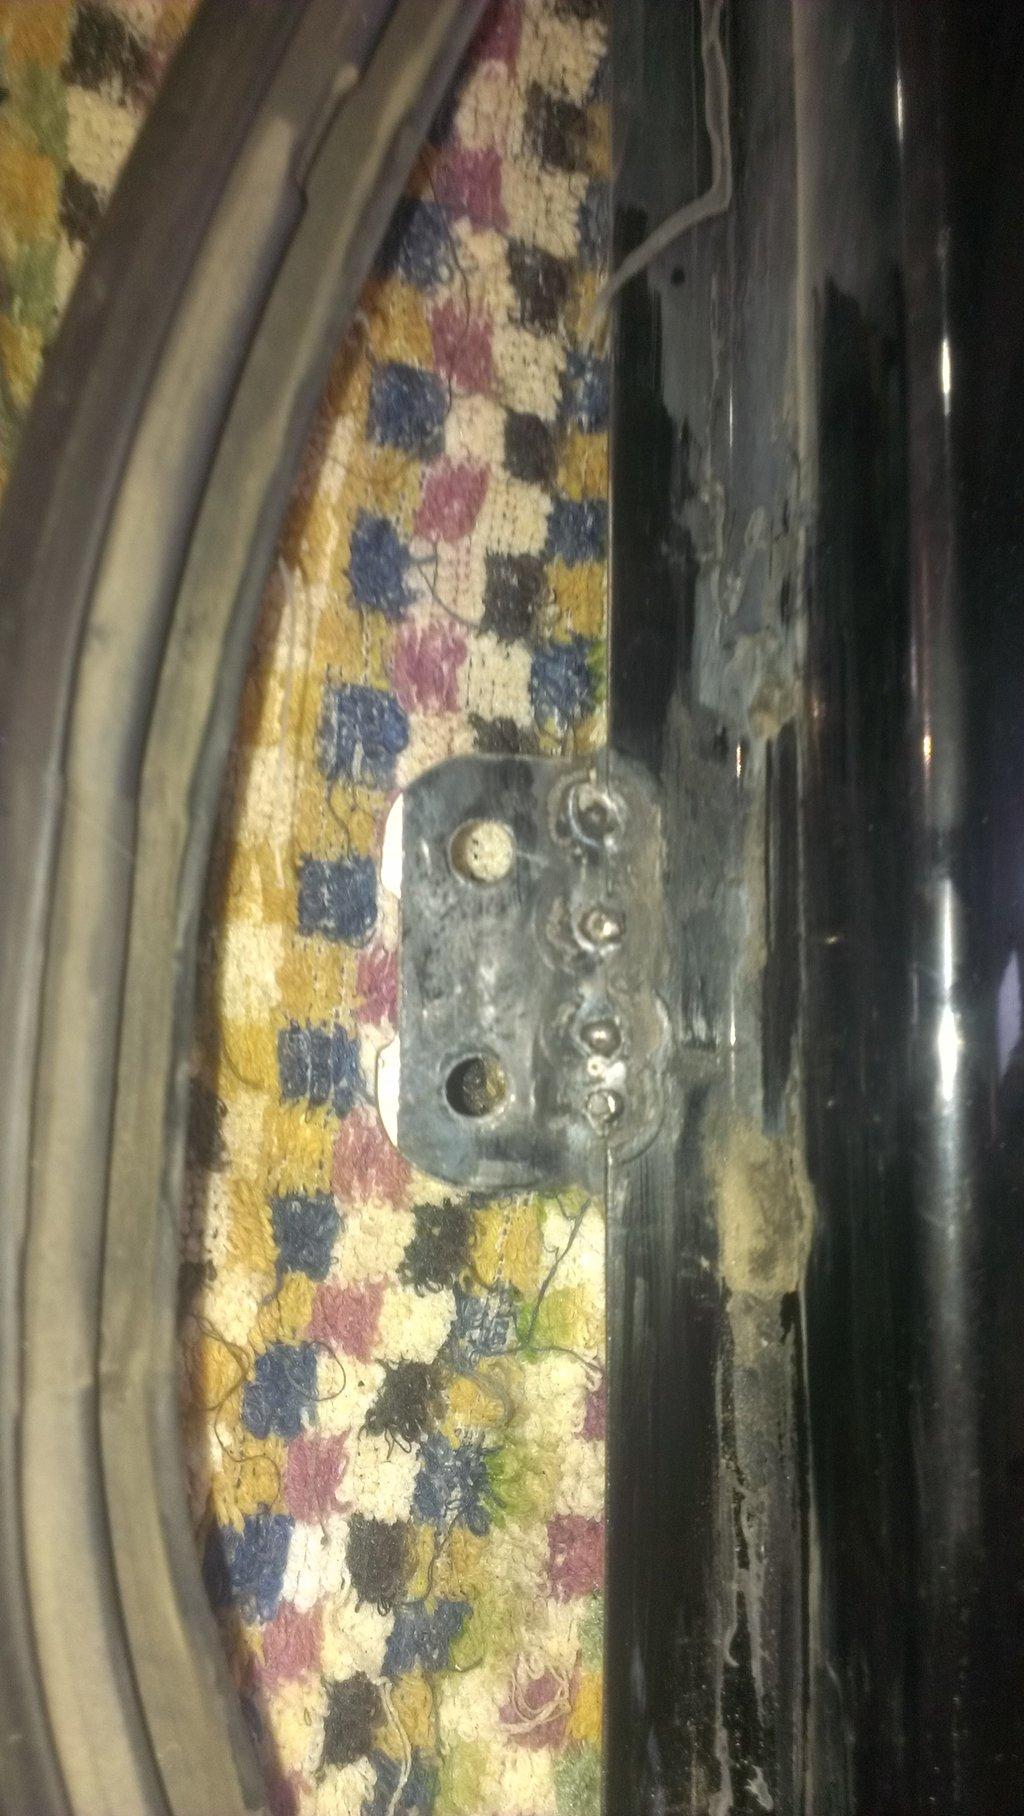 ремонт крепления кранштейна и затвора бокового стекла